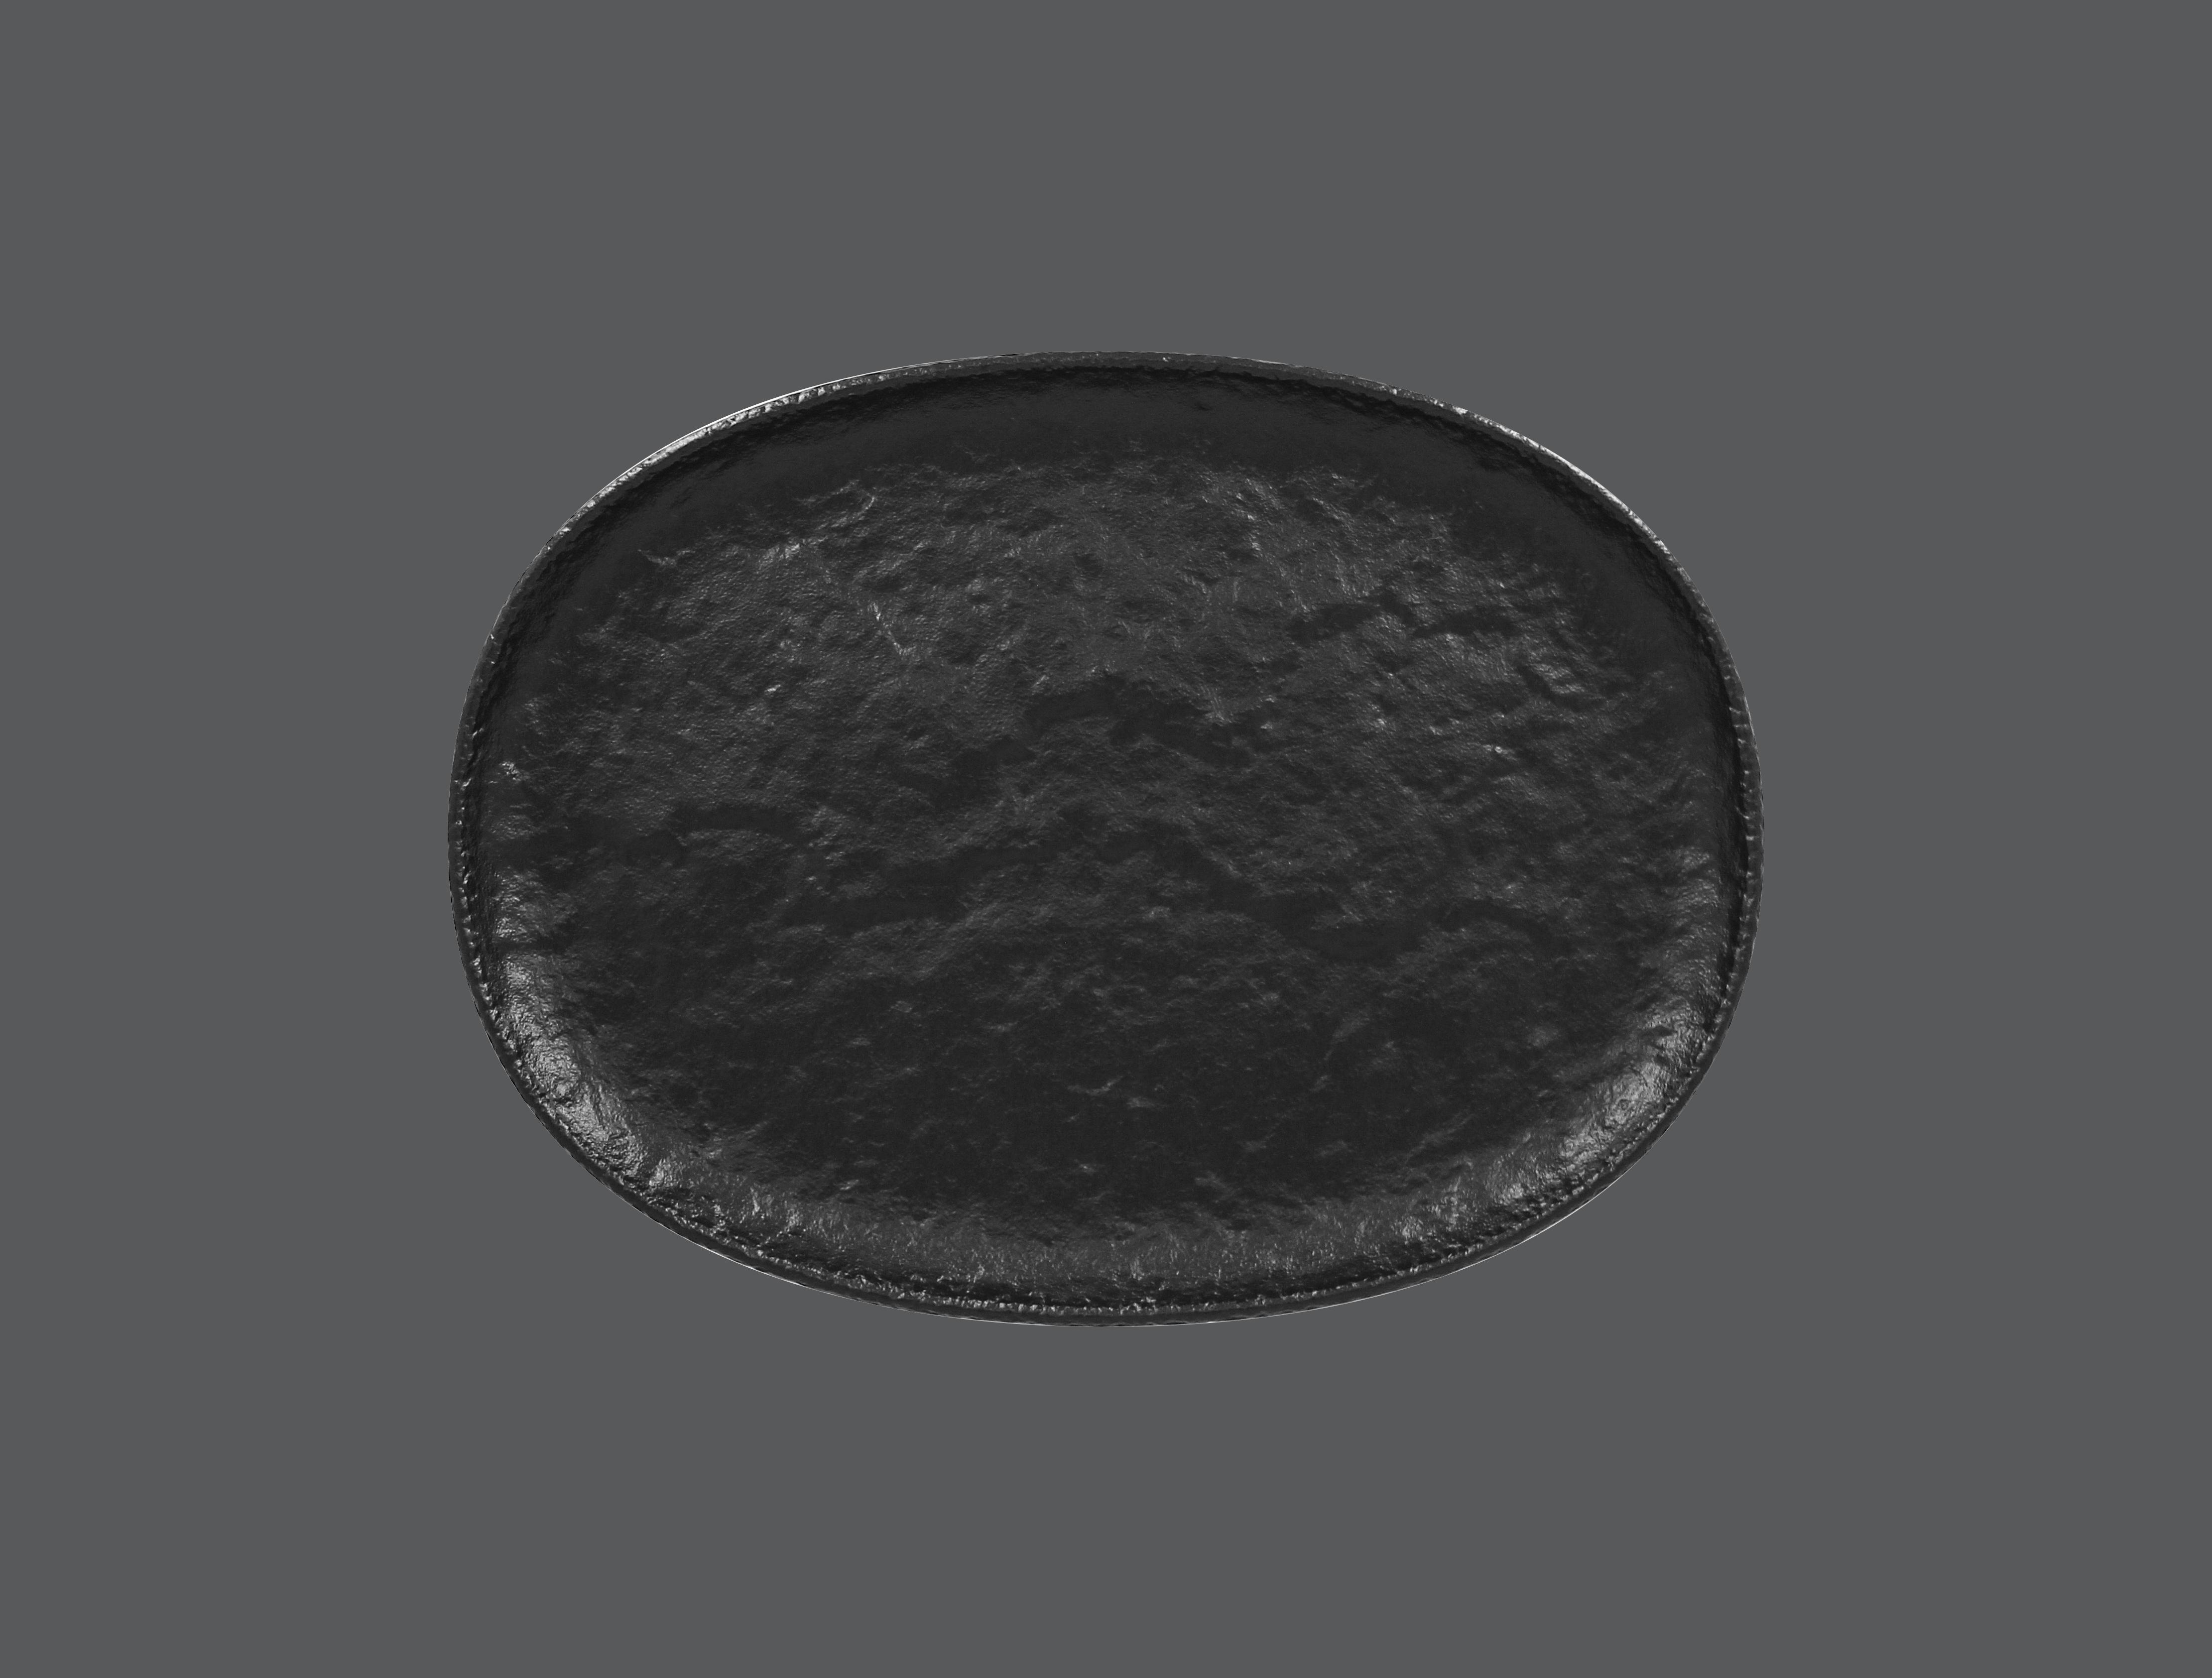 Roks talíř oválný 32 x 23,5 cm - černá